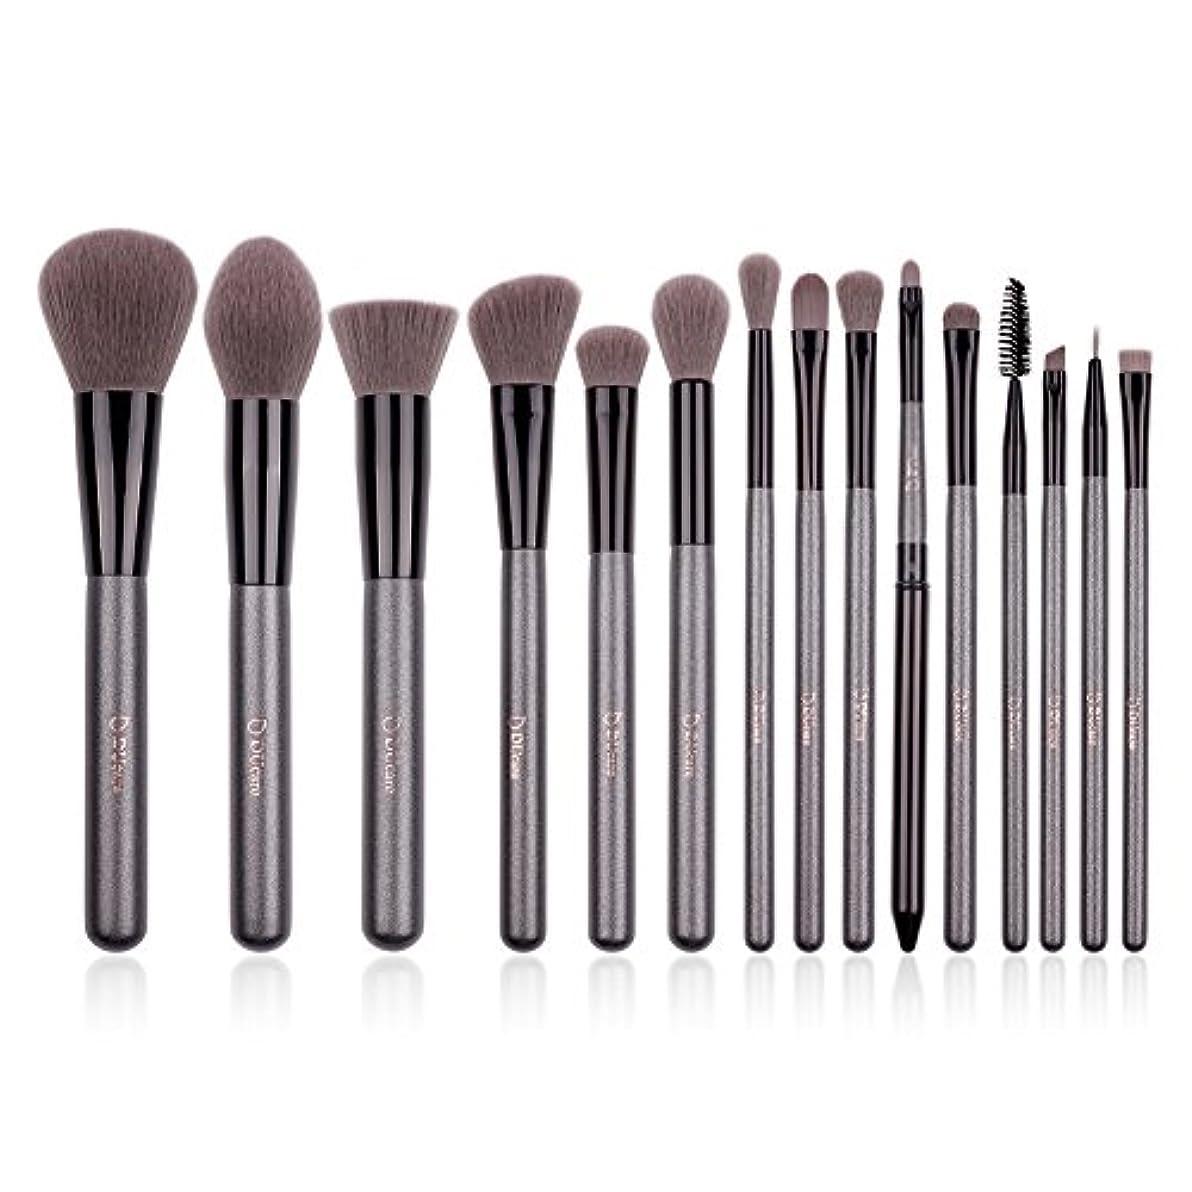 一般化する病的すでにDUcare ドゥケア 化粧筆 メイクブラシ15本セット 上等な使用感 粉含み力抜群